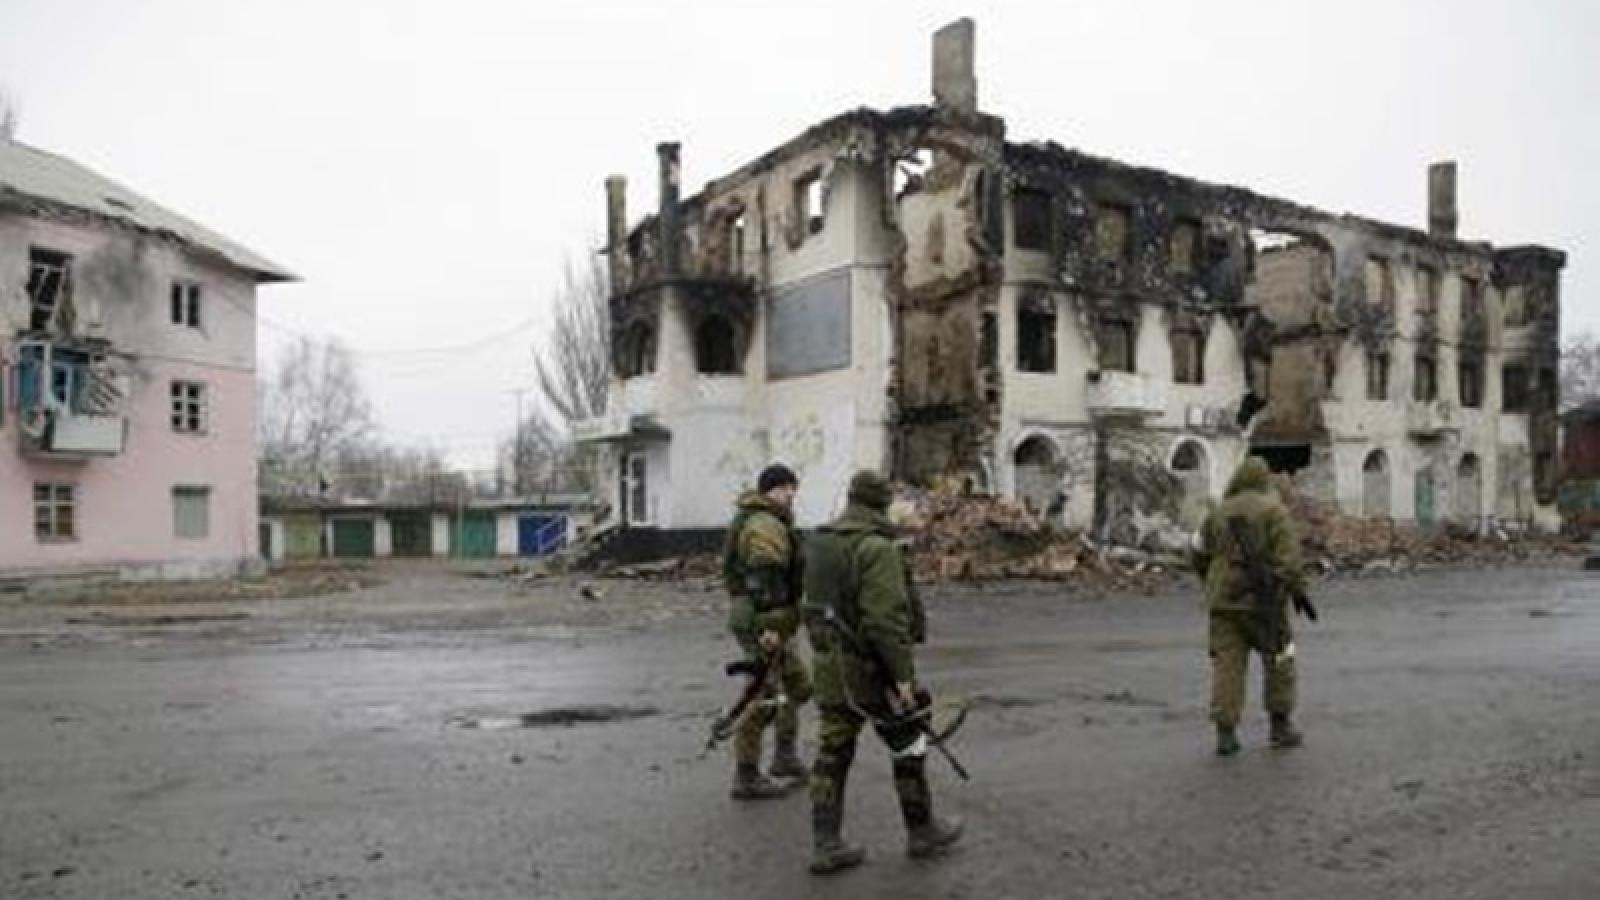 """Tình hình miền Đông Ukraine """"nóng"""" lên, Nga và phương Tây """"lời qua tiếng lại"""""""